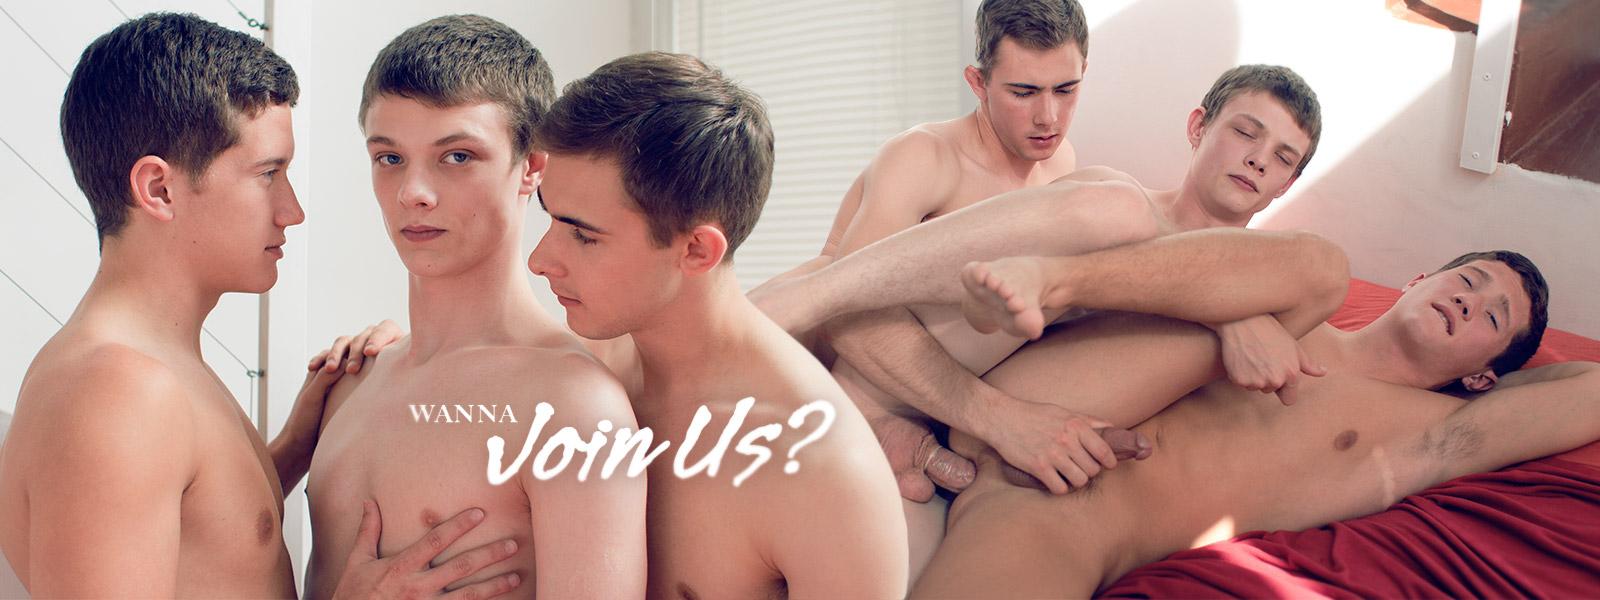 Wanna Join Us?